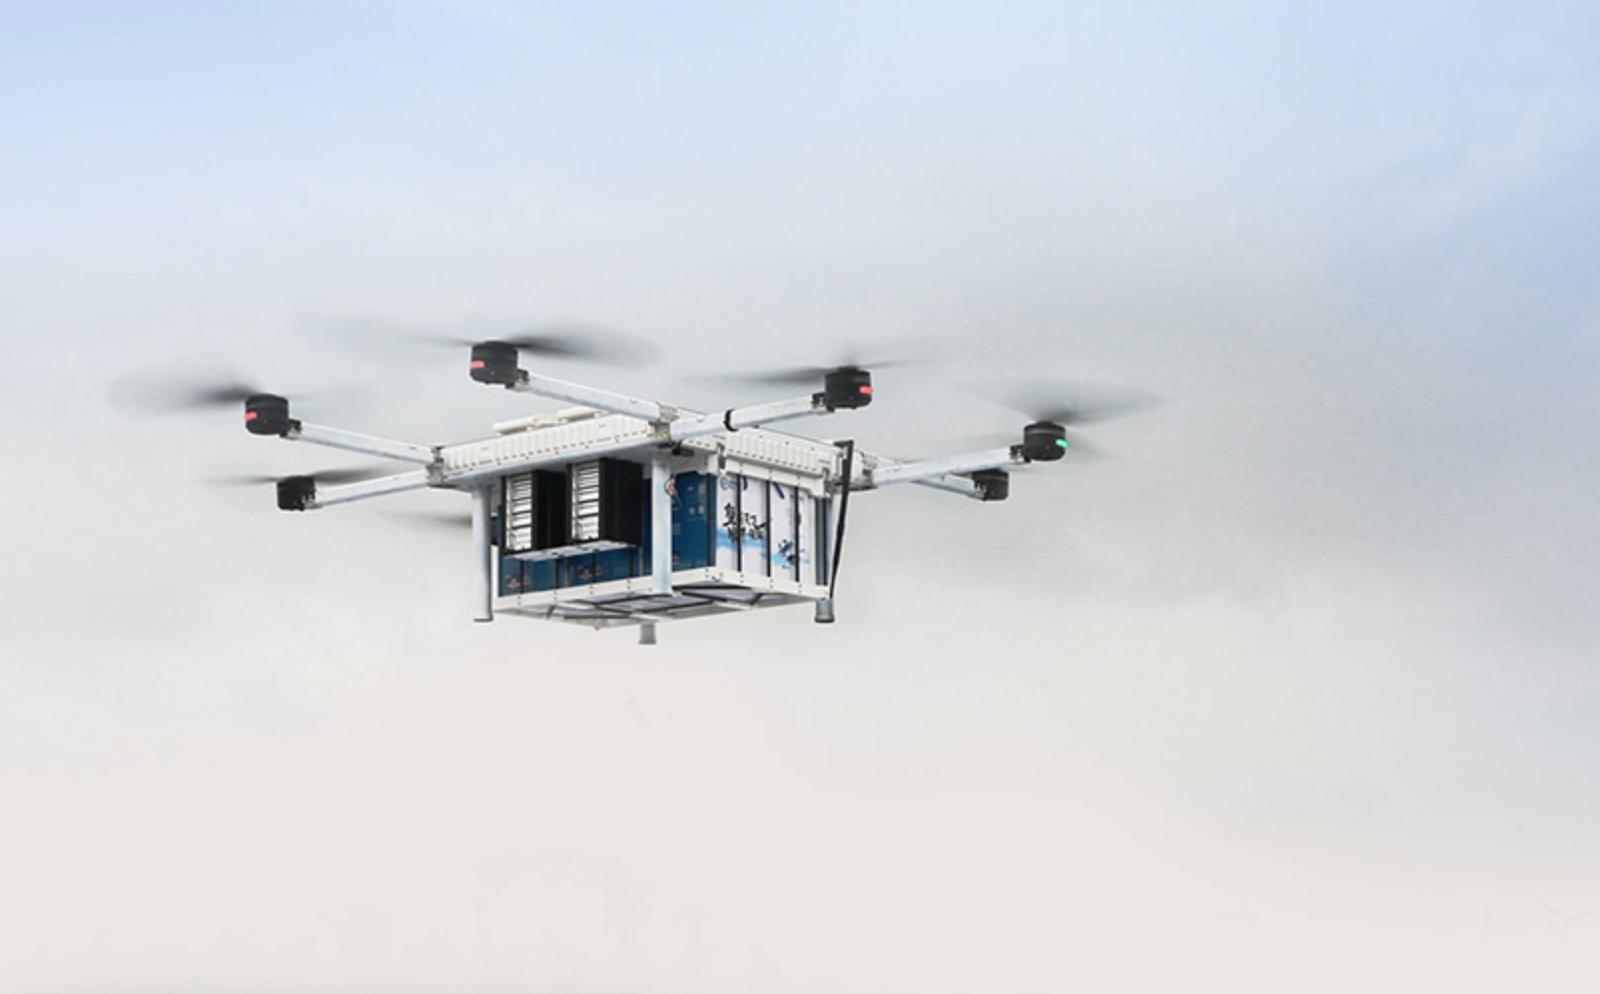 順豐與羅湖醫院合作開通三航線 落實常態化檢驗樣本無人機運輸